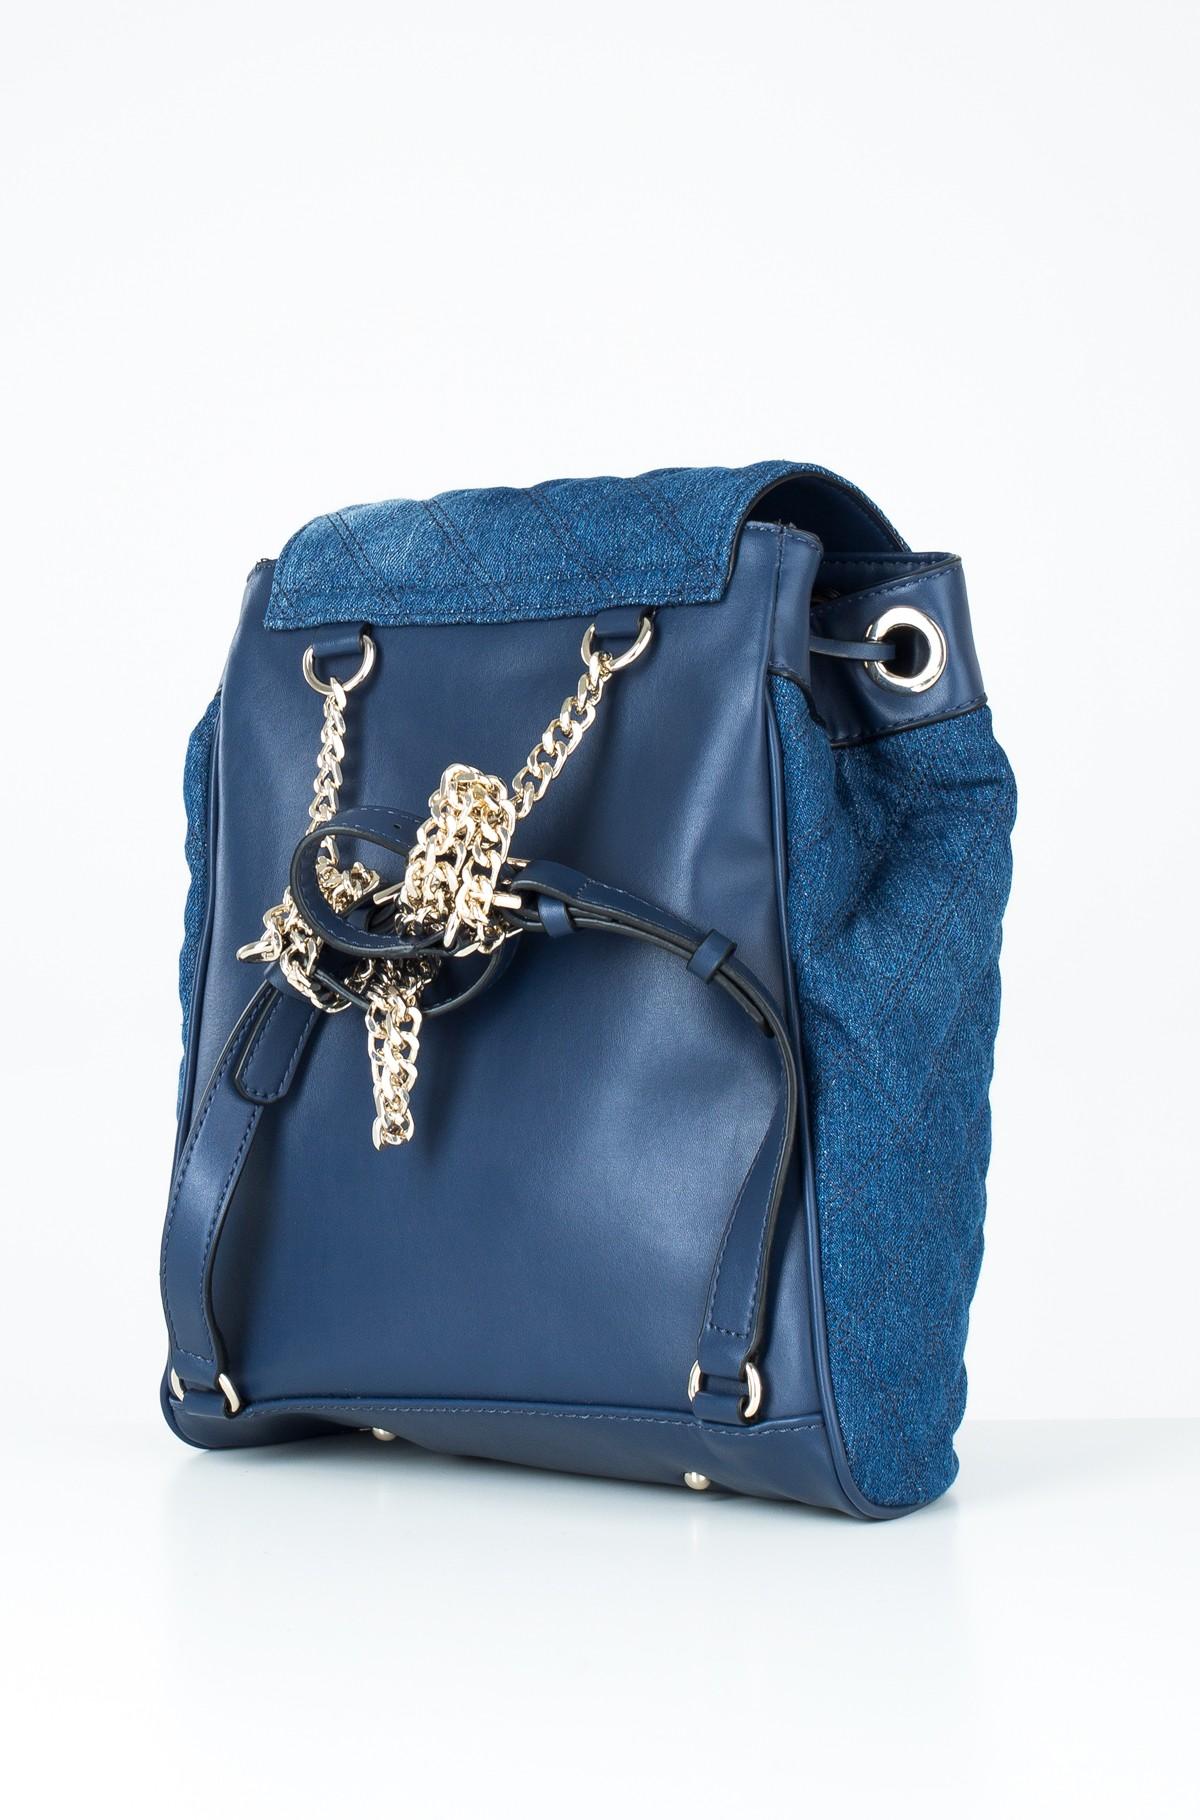 Backbag HWED66 85320-full-2